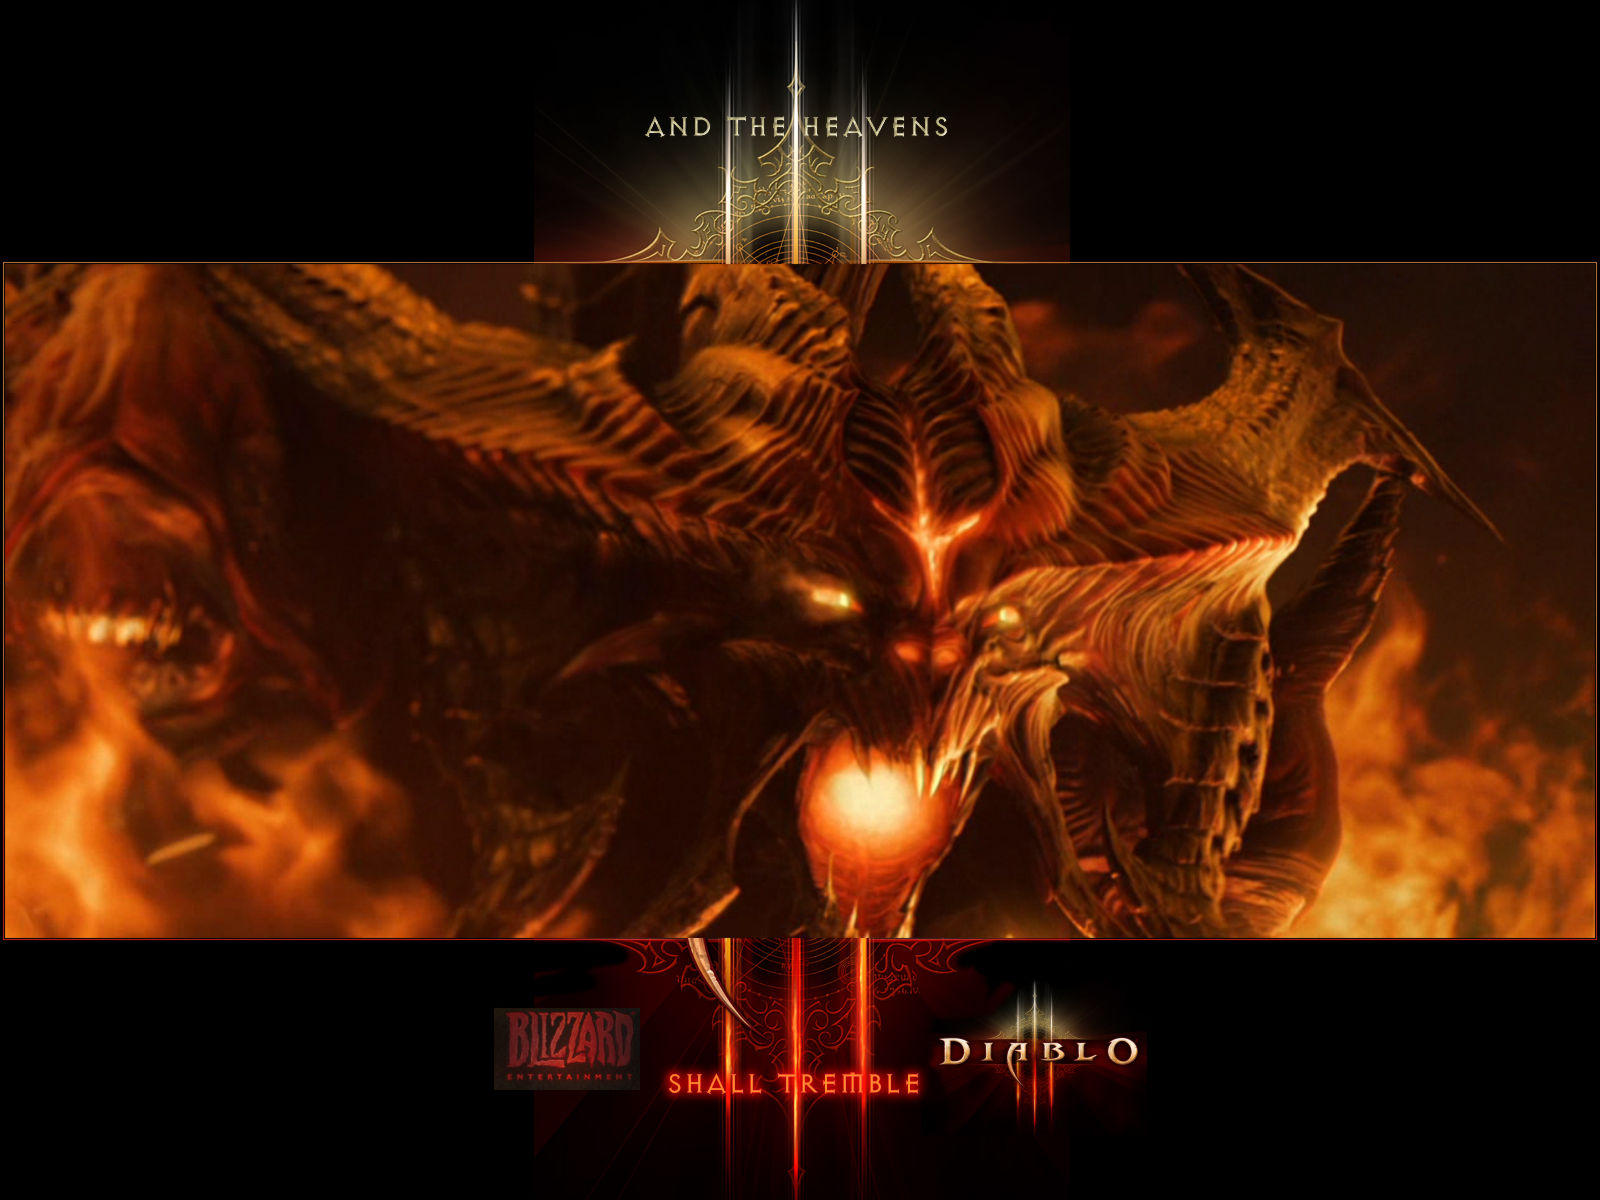 My Diablo 3 Desktop by Holyknight3000